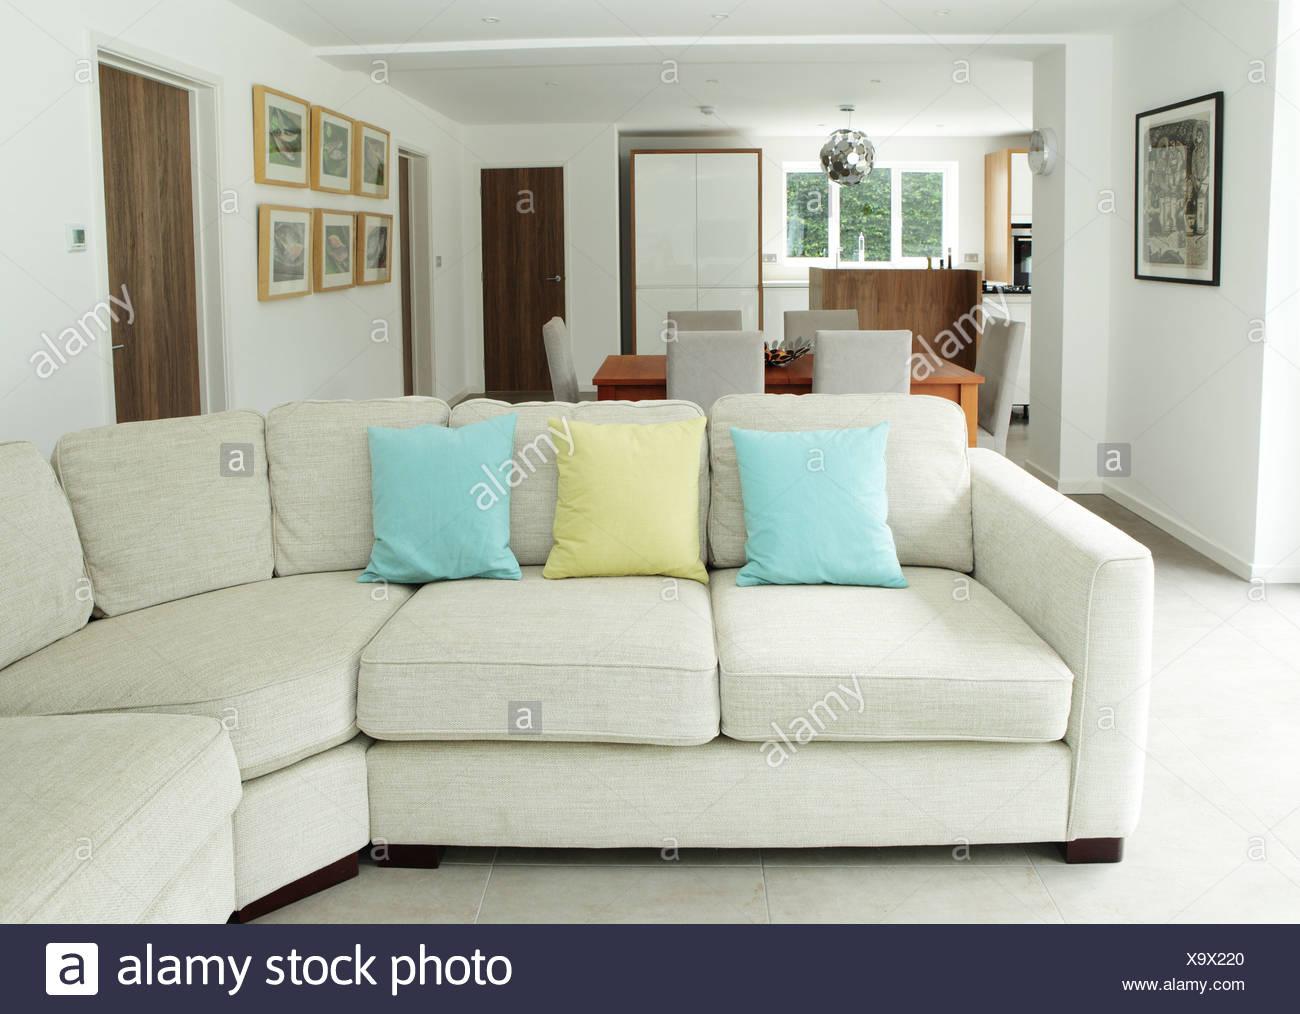 Canapé dans le séjour Photo Stock